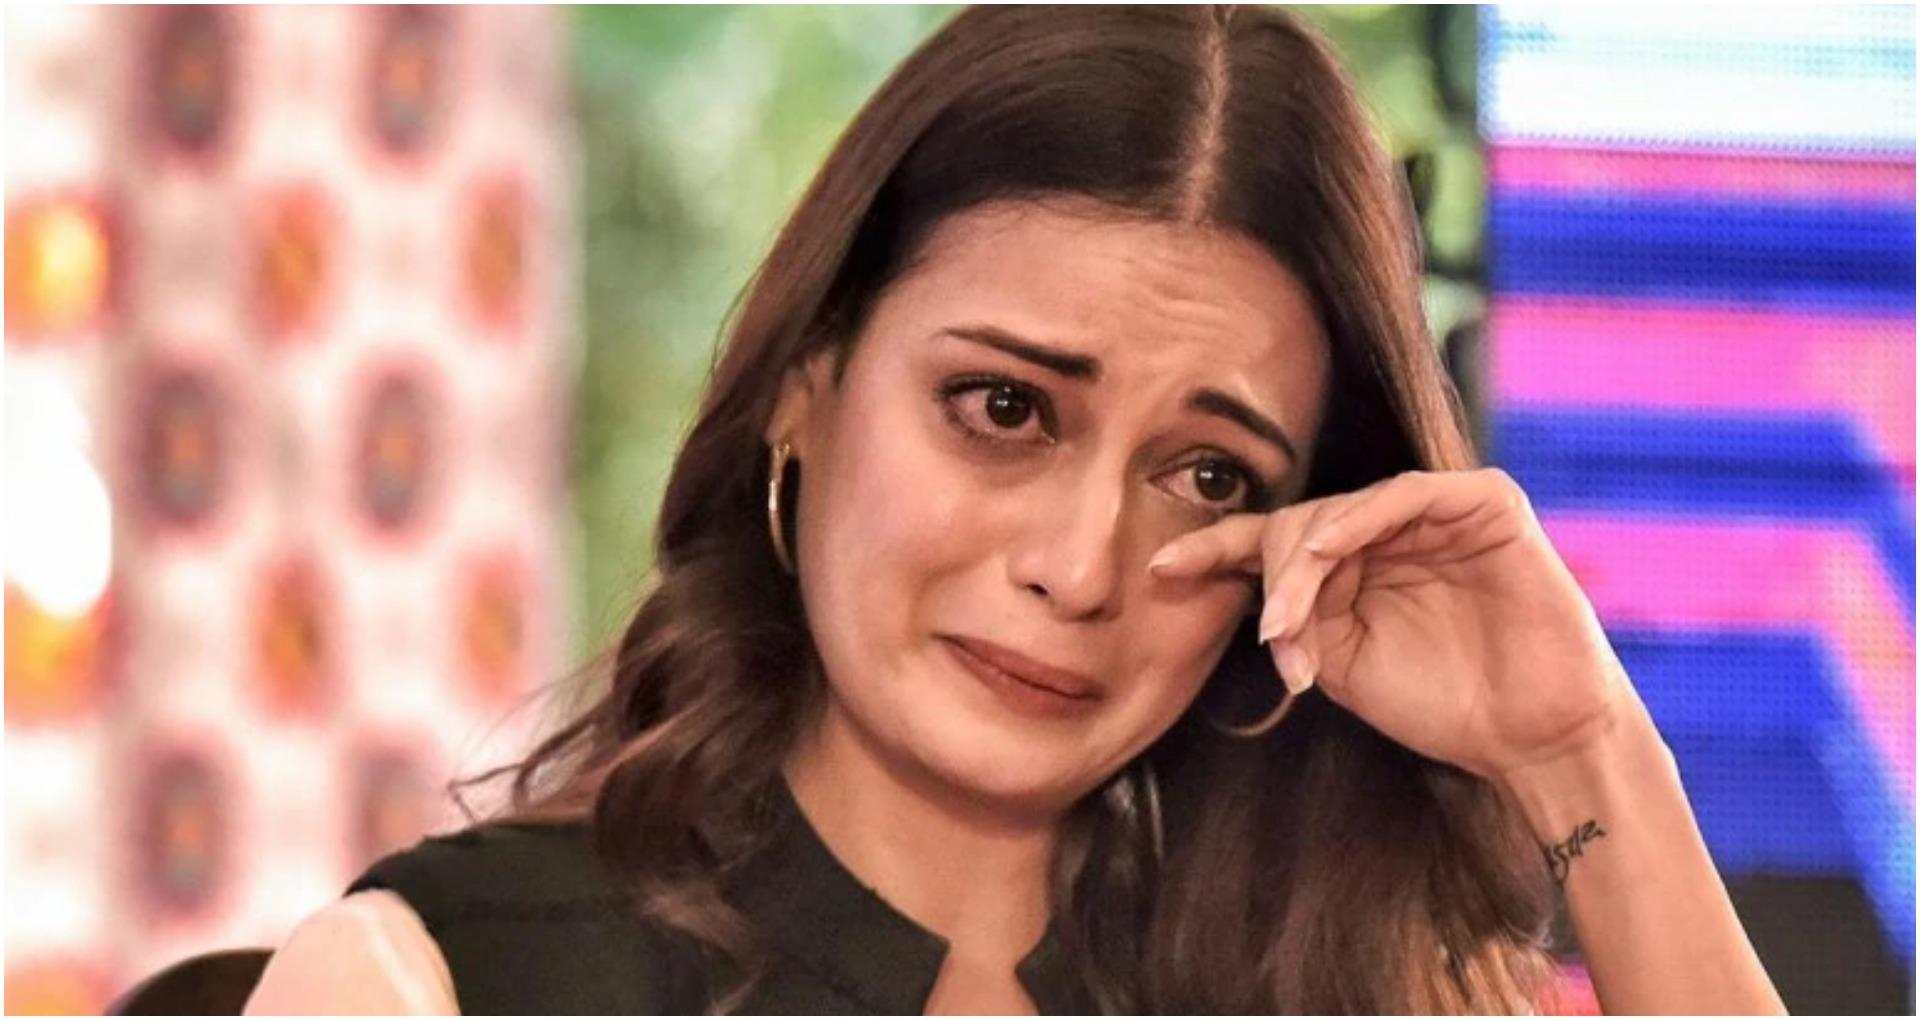 दीया मिर्जा को JLF 2020 में रोने के वजह से लोगों ने किया ट्रोल, कहा- पर्यावरण के नाम पर ओवरएक्टिंग क्यों करना